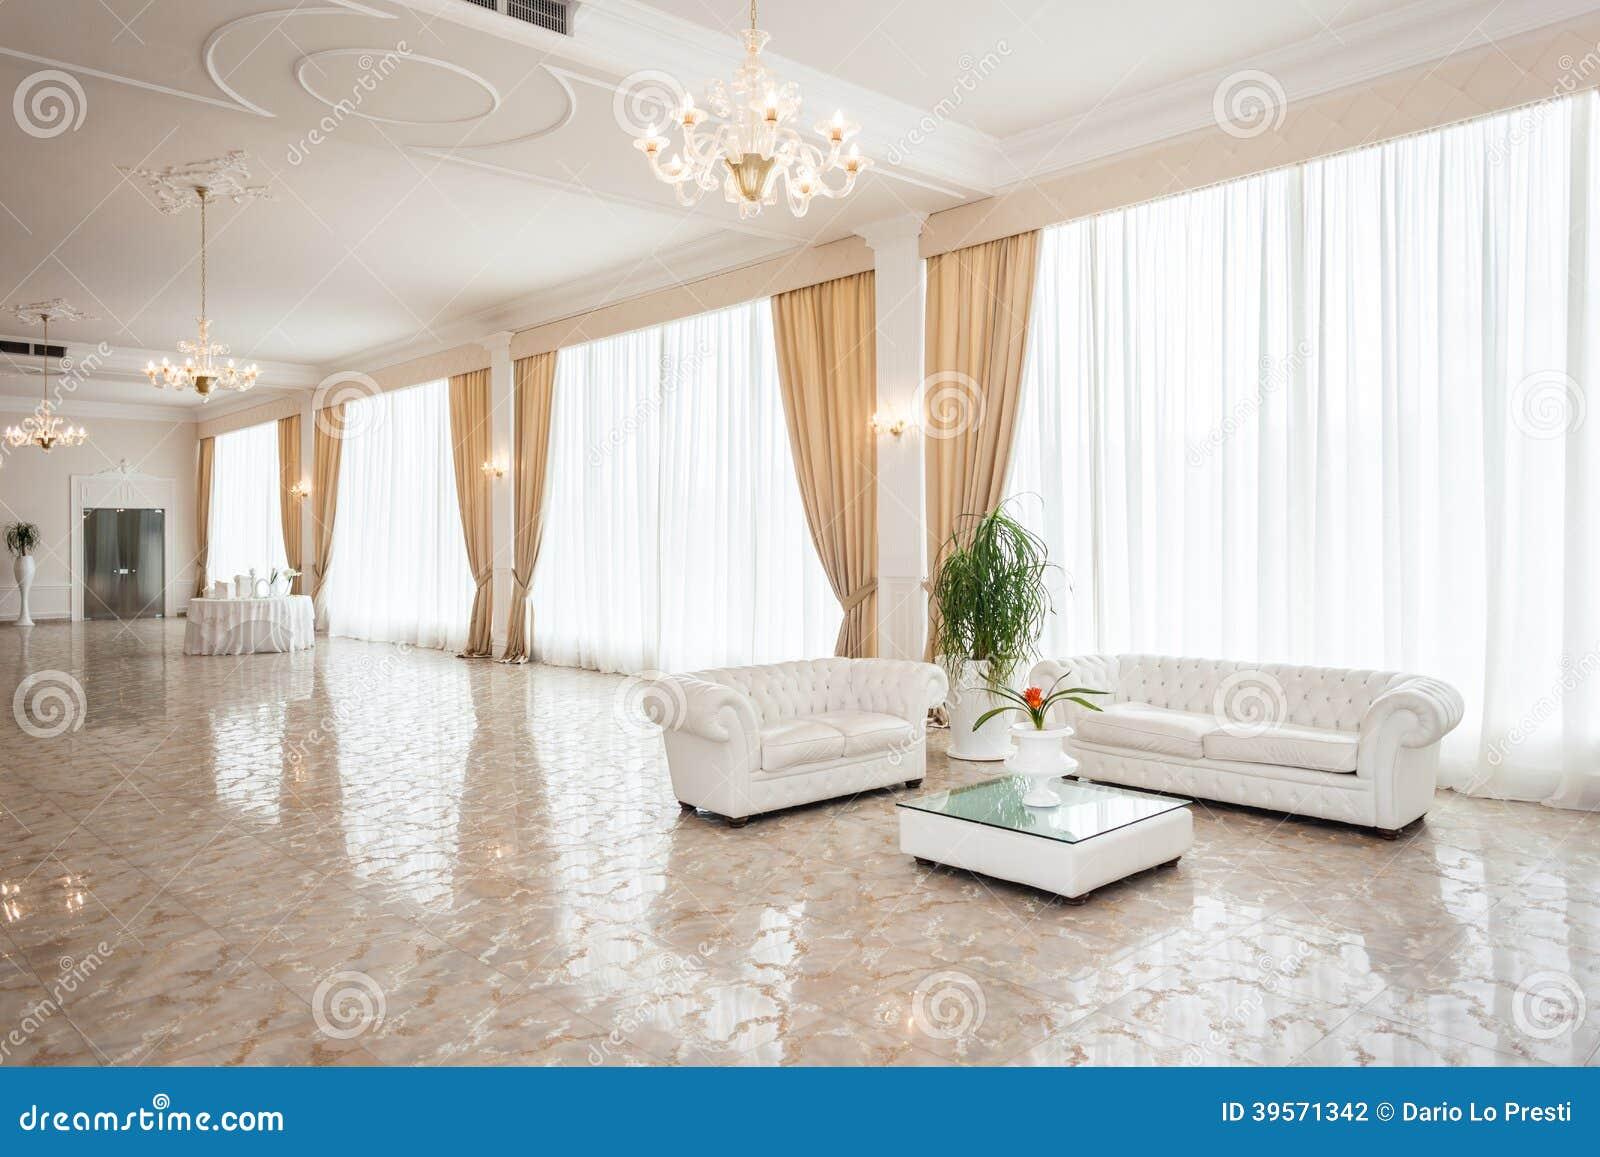 Salotto di lusso fotografia stock immagine 39571342 for Design di casa di lusso moderno